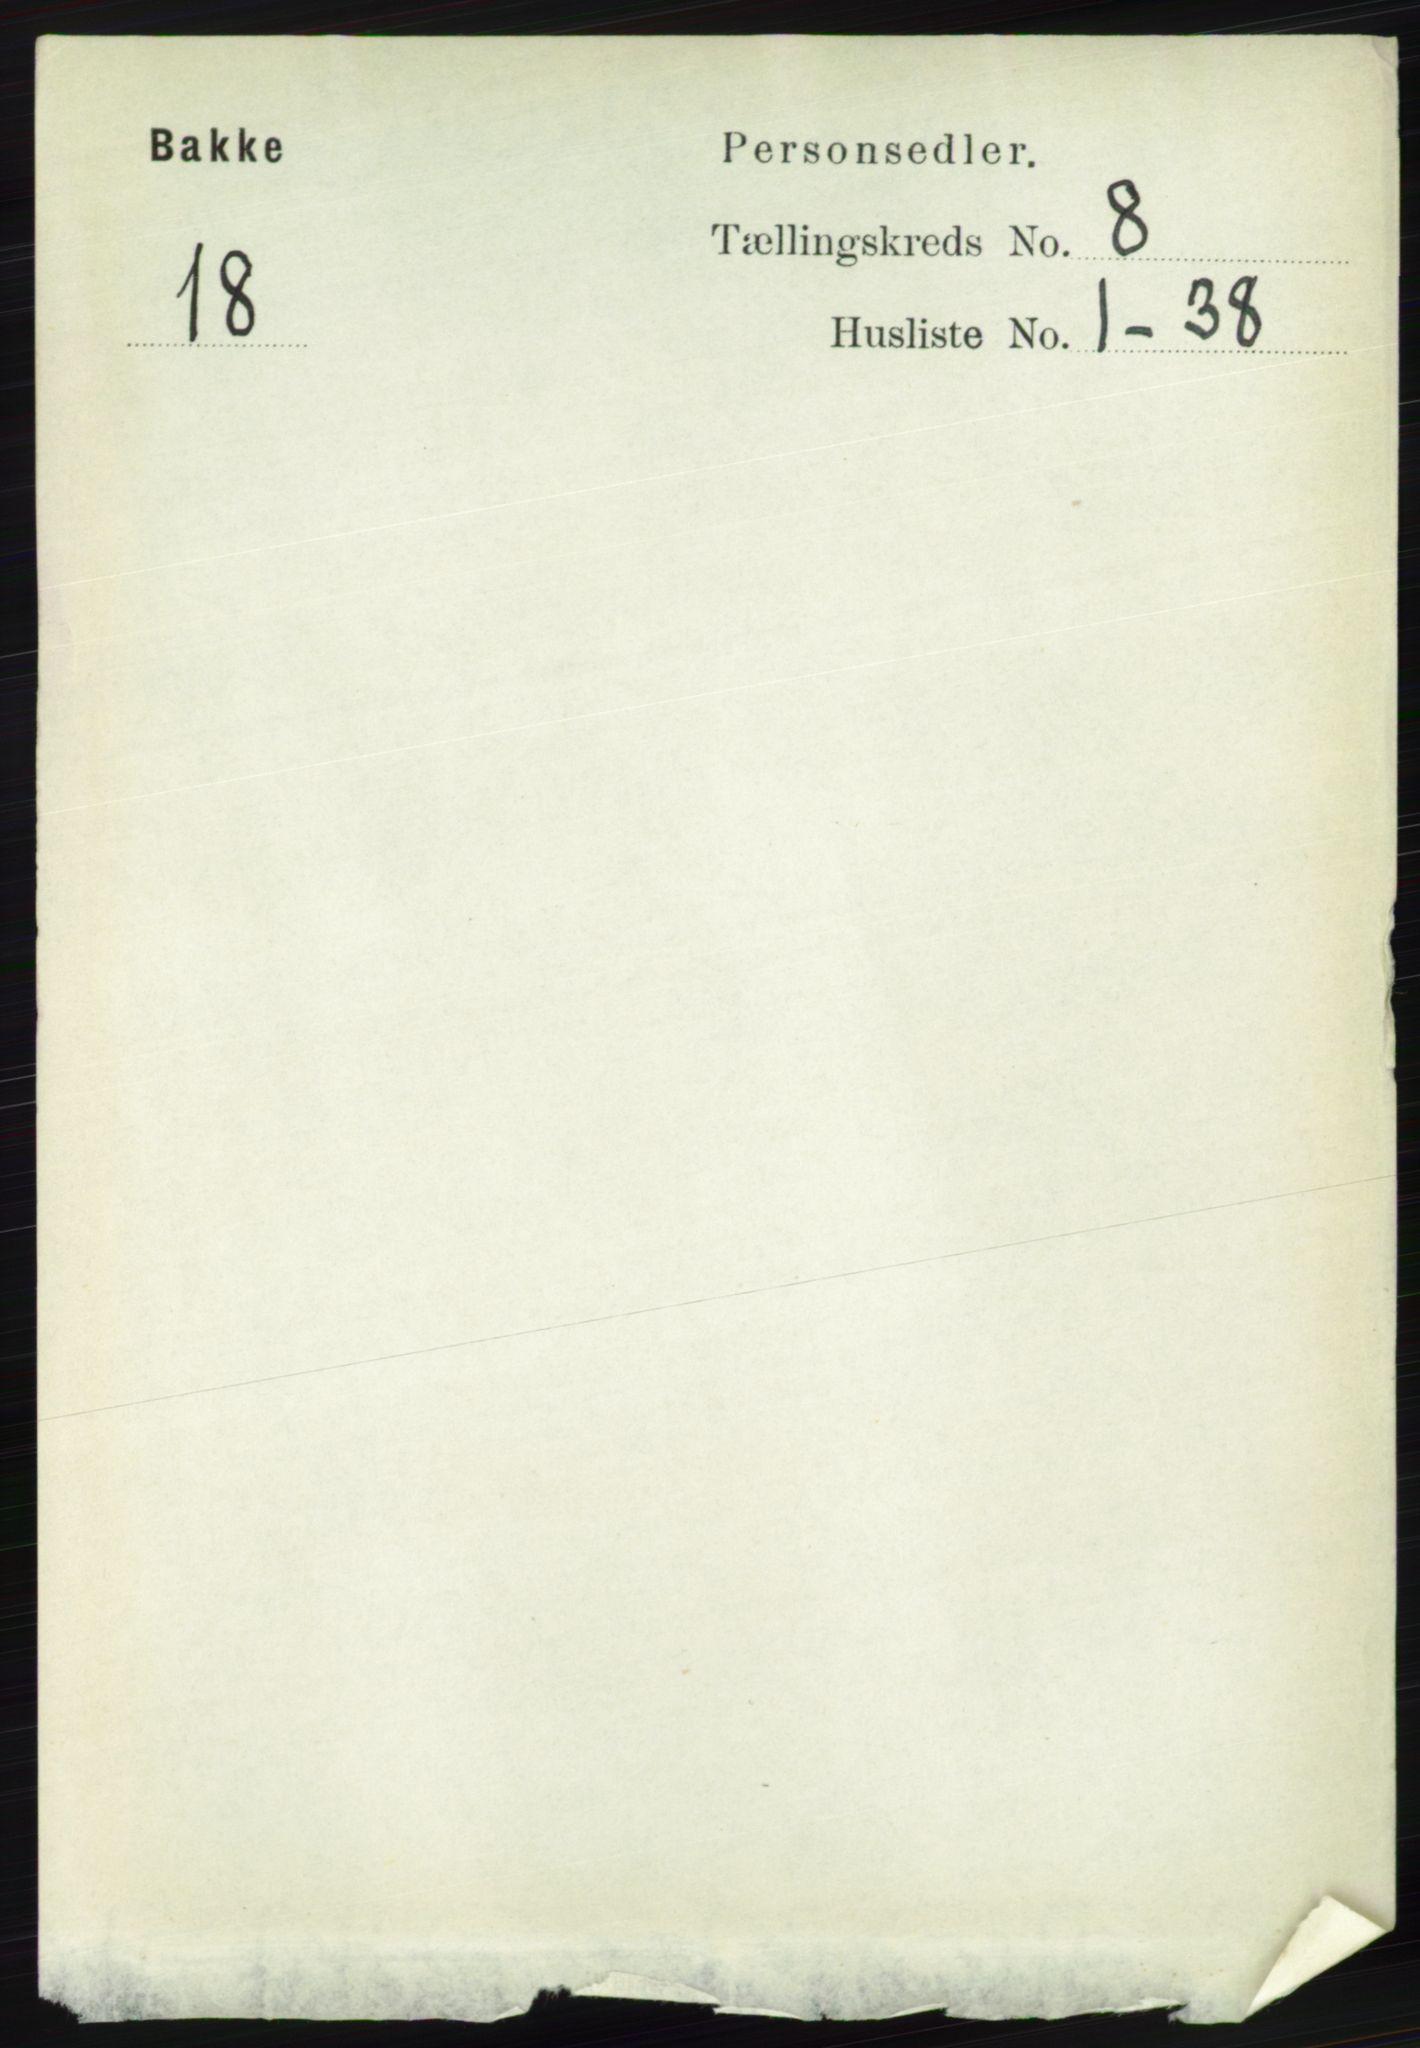 RA, Folketelling 1891 for 1045 Bakke herred, 1891, s. 1483